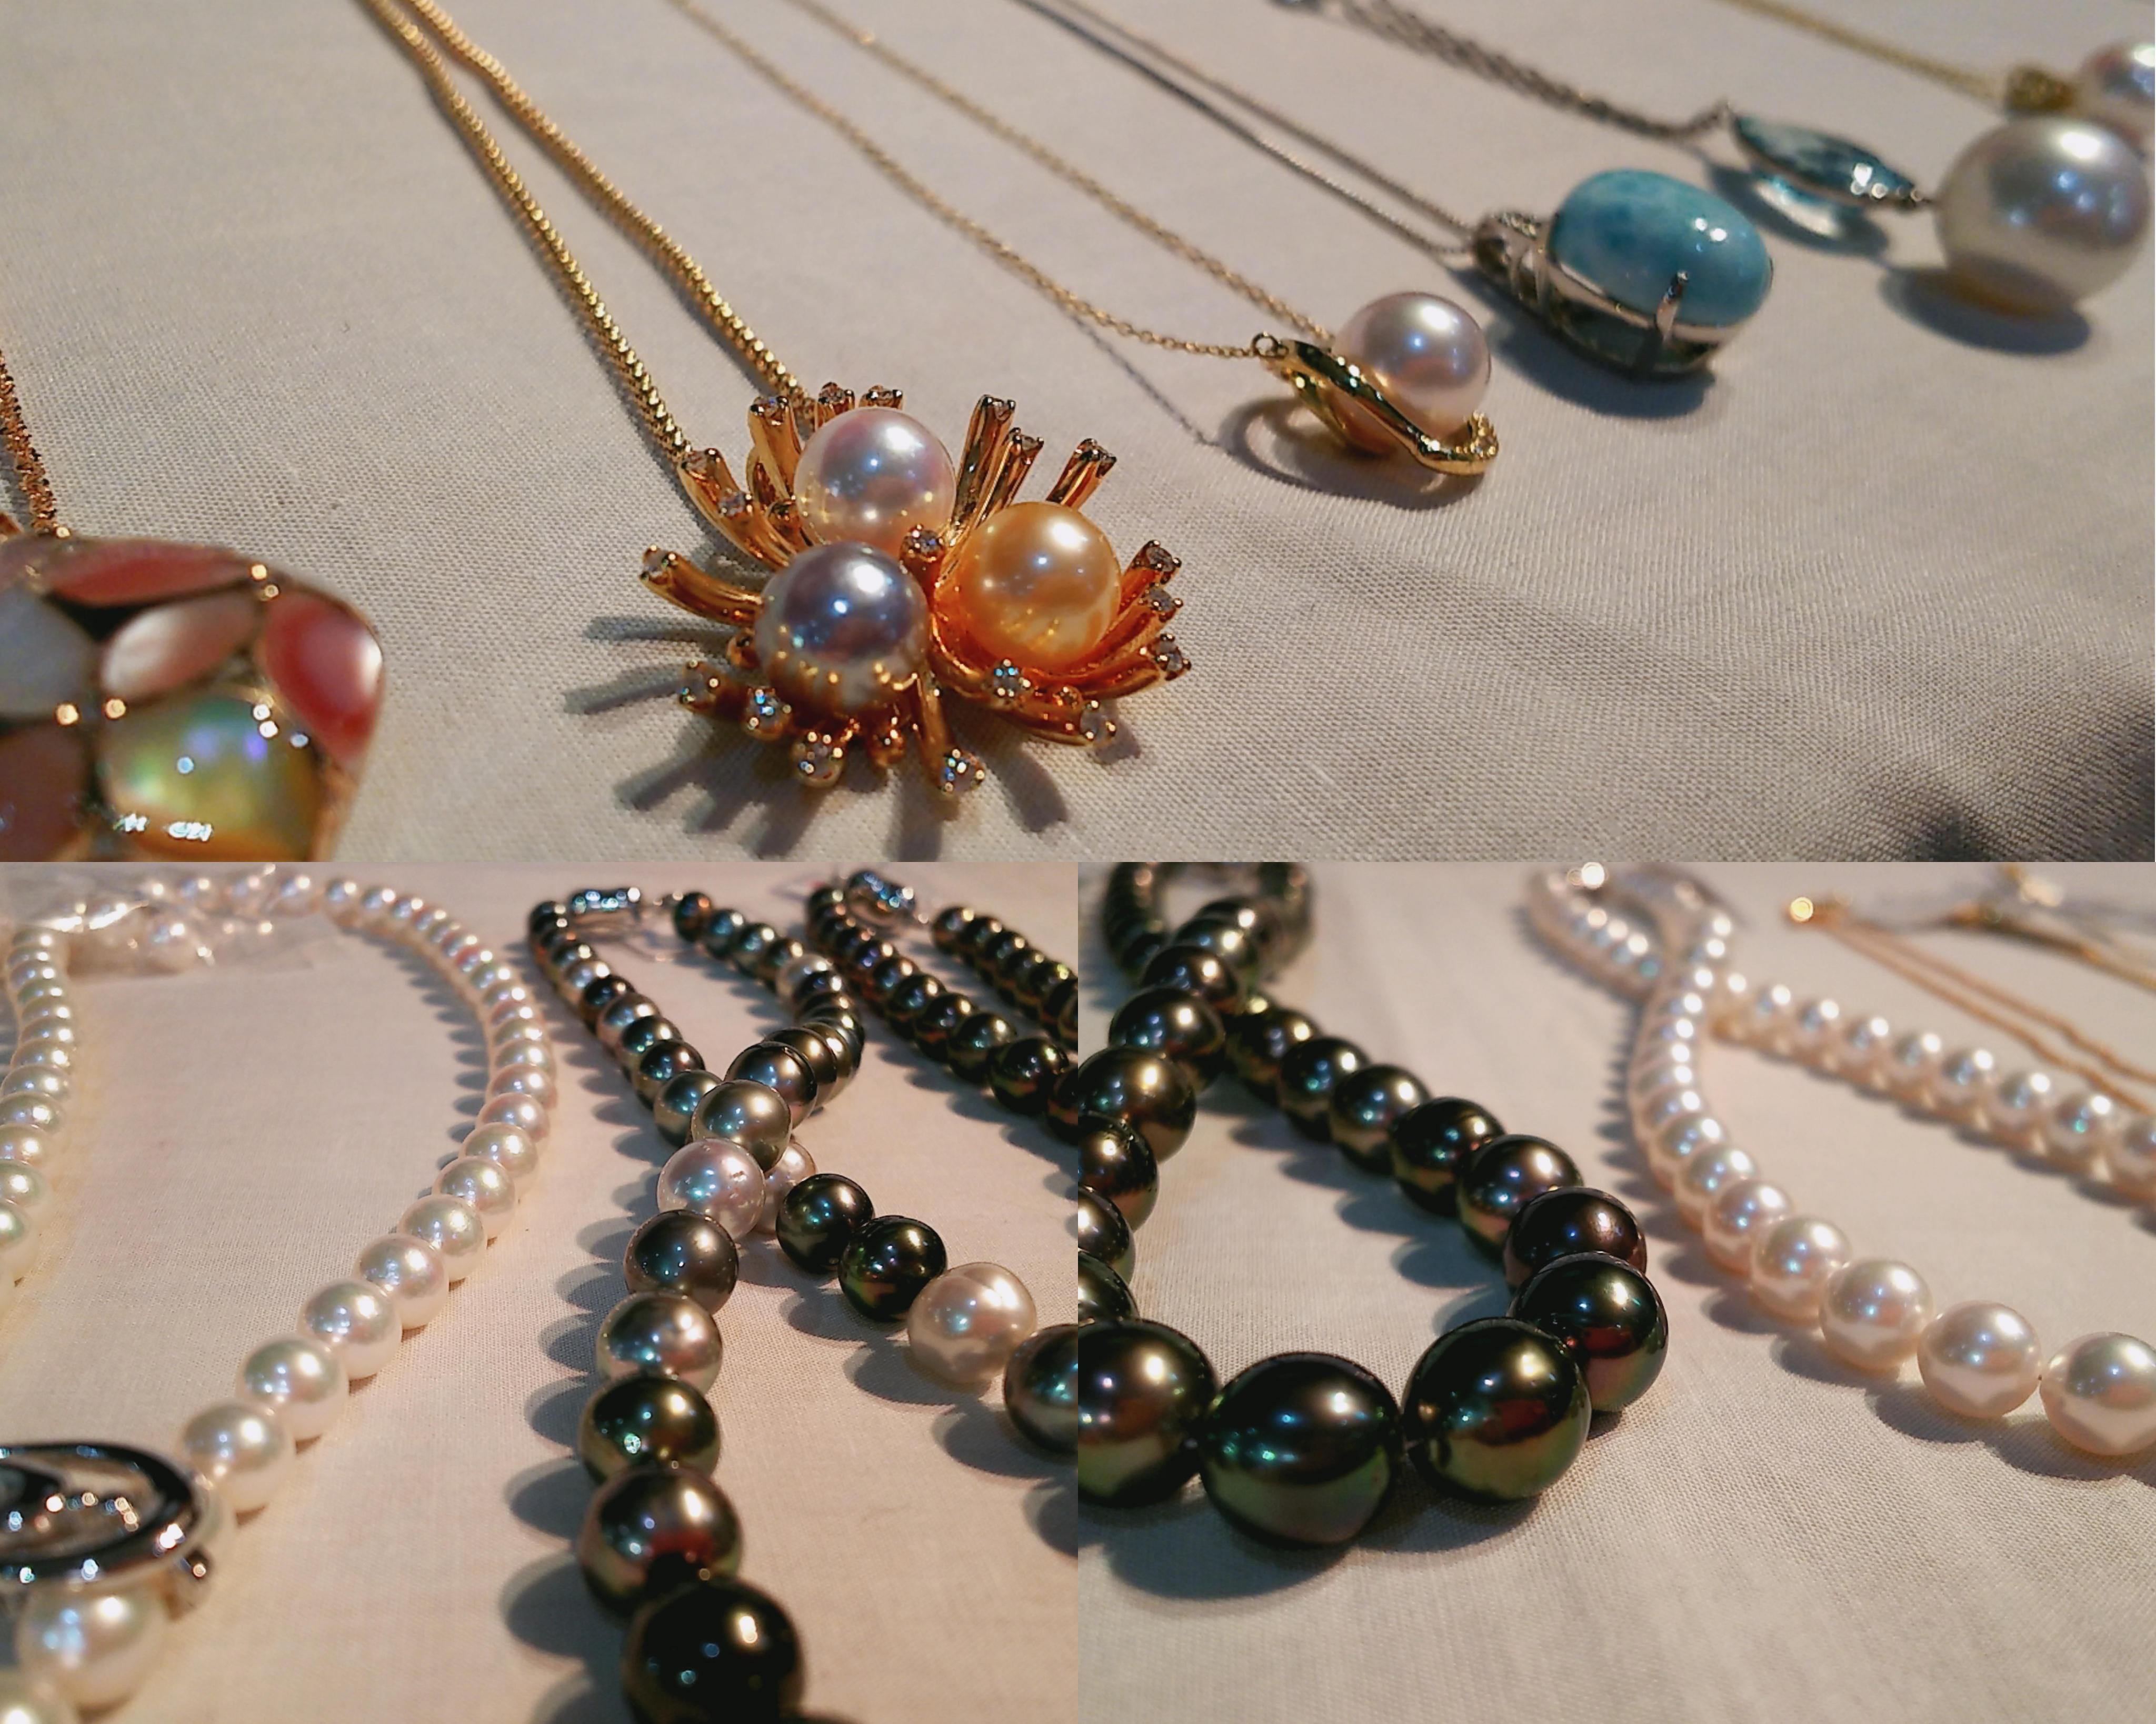 http://www.tomihiro.co.jp/blog/2020/03/16/CollageMaker_20200315_115929421.jpg